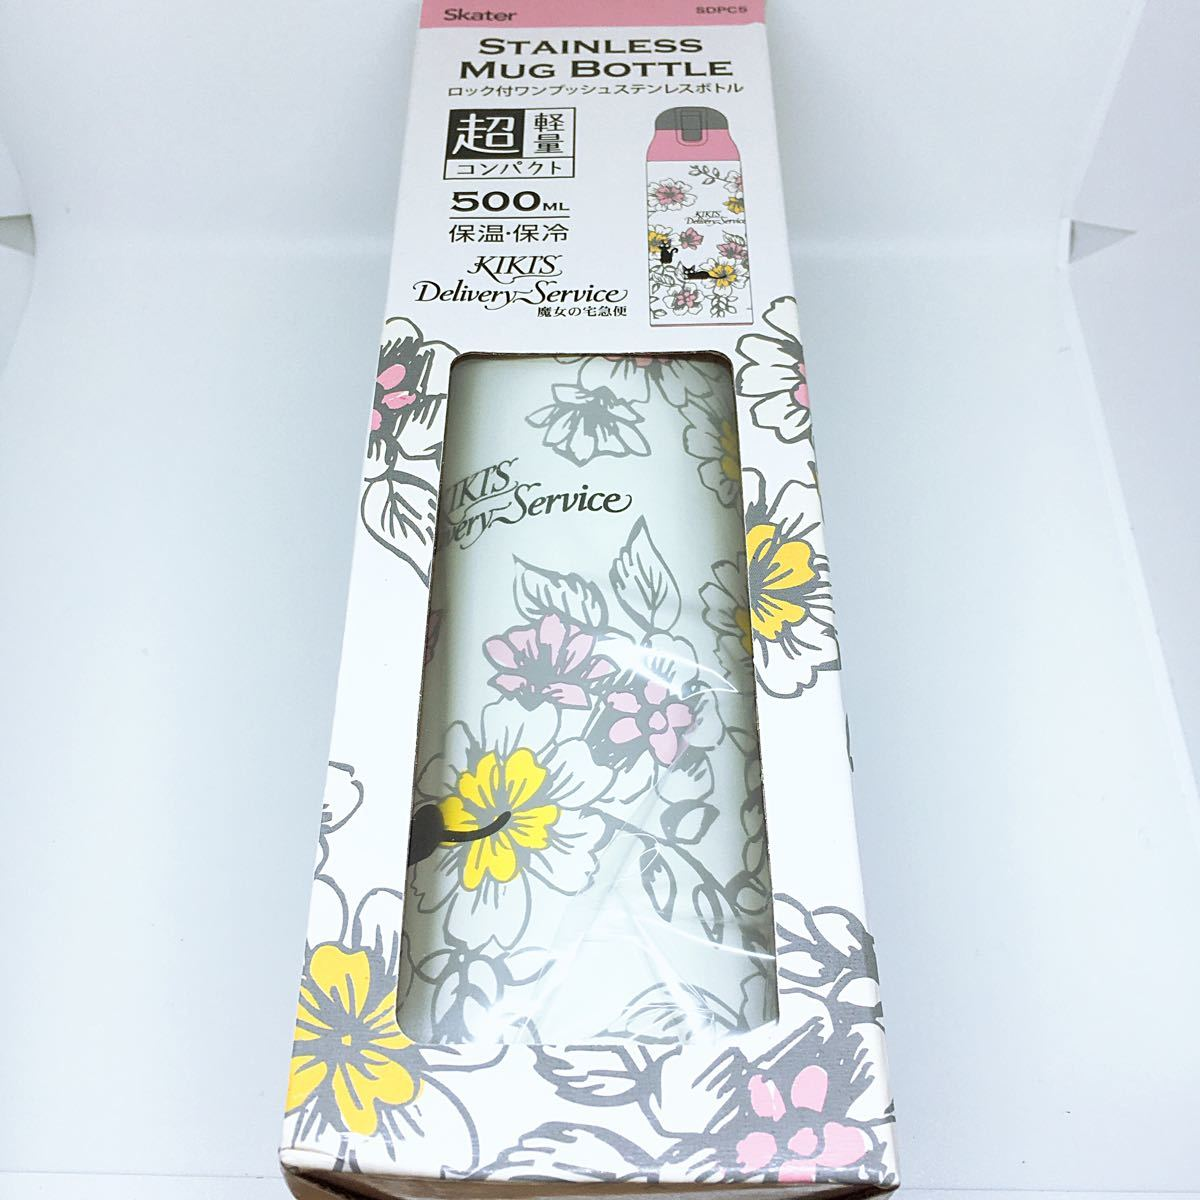 新品 未使用*魔女の宅急便 ステンレスボトル ロック付 ダイレクト ワンプッシュ 水筒 500ml 保冷 保温 超軽量